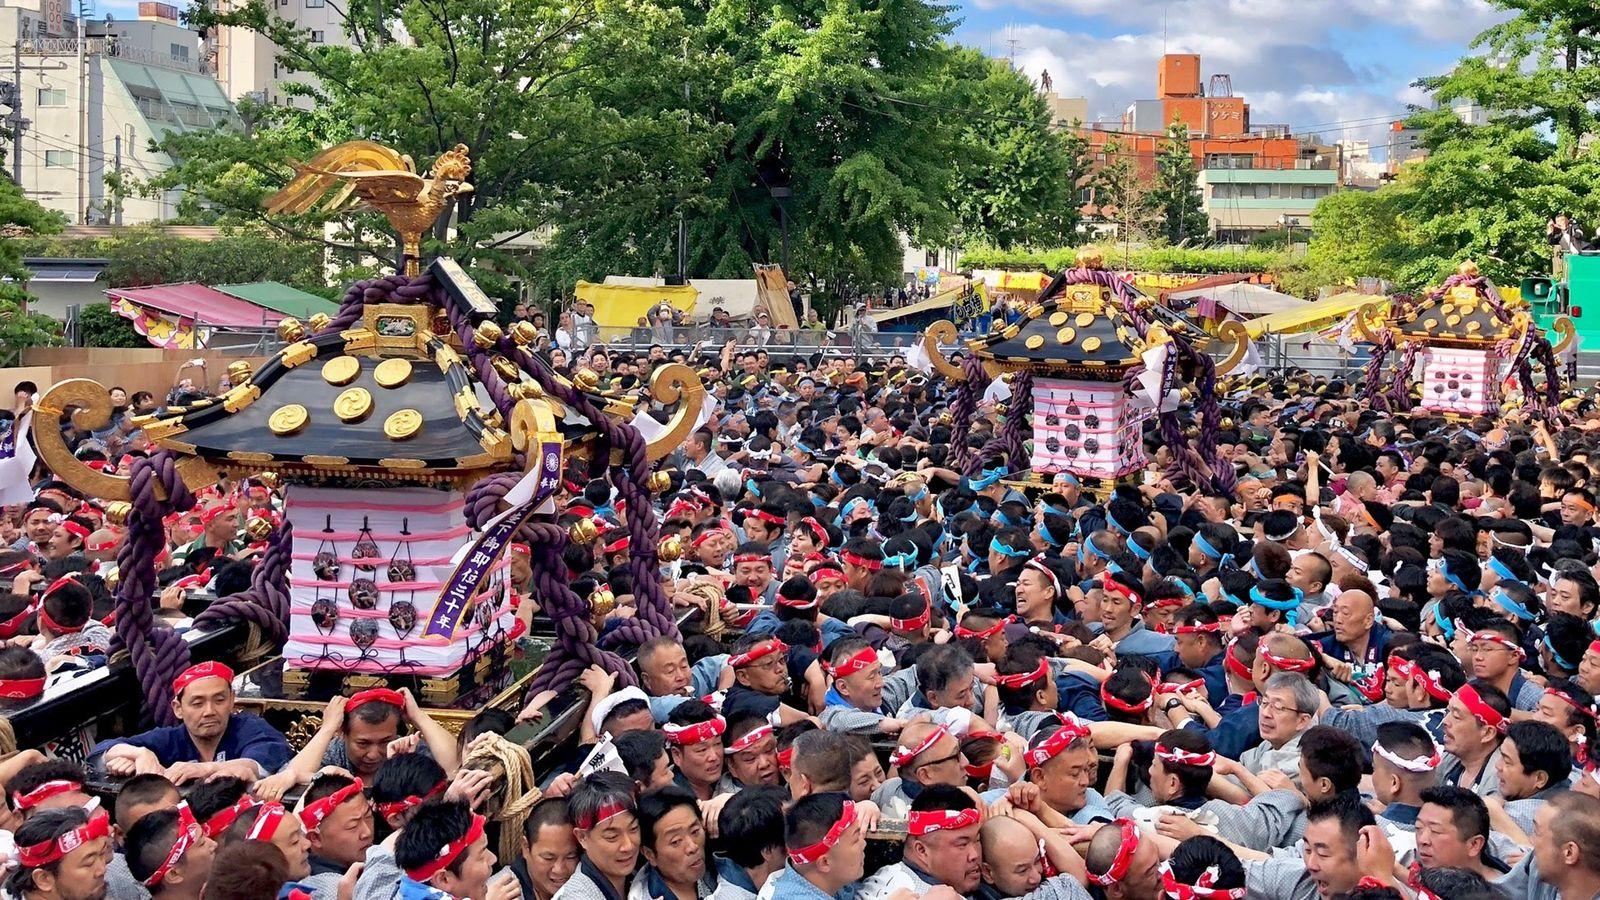 隅田川花火、阿波おどり、よさこい…夏祭りを中止に追い込む「自粛しろ」の声 なぜ「様子を見る」ことができないか